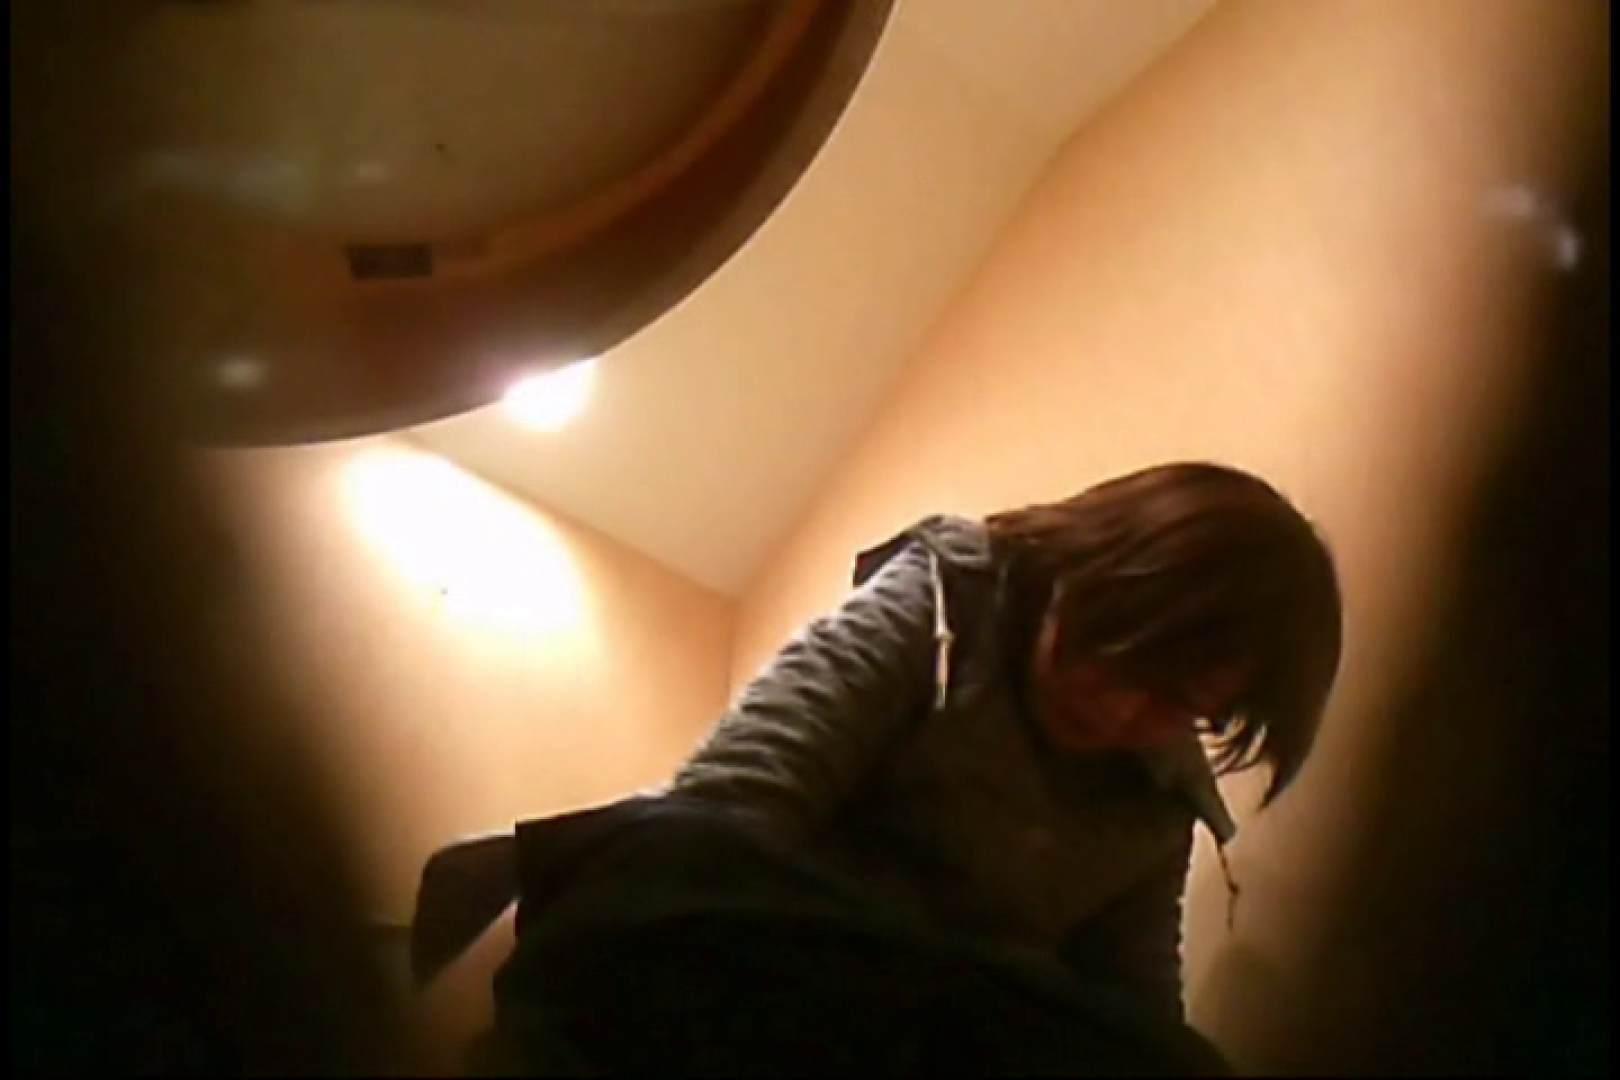 画質向上!新亀さん厠 vol.03 黄金水 盗み撮り動画 102PIX 4